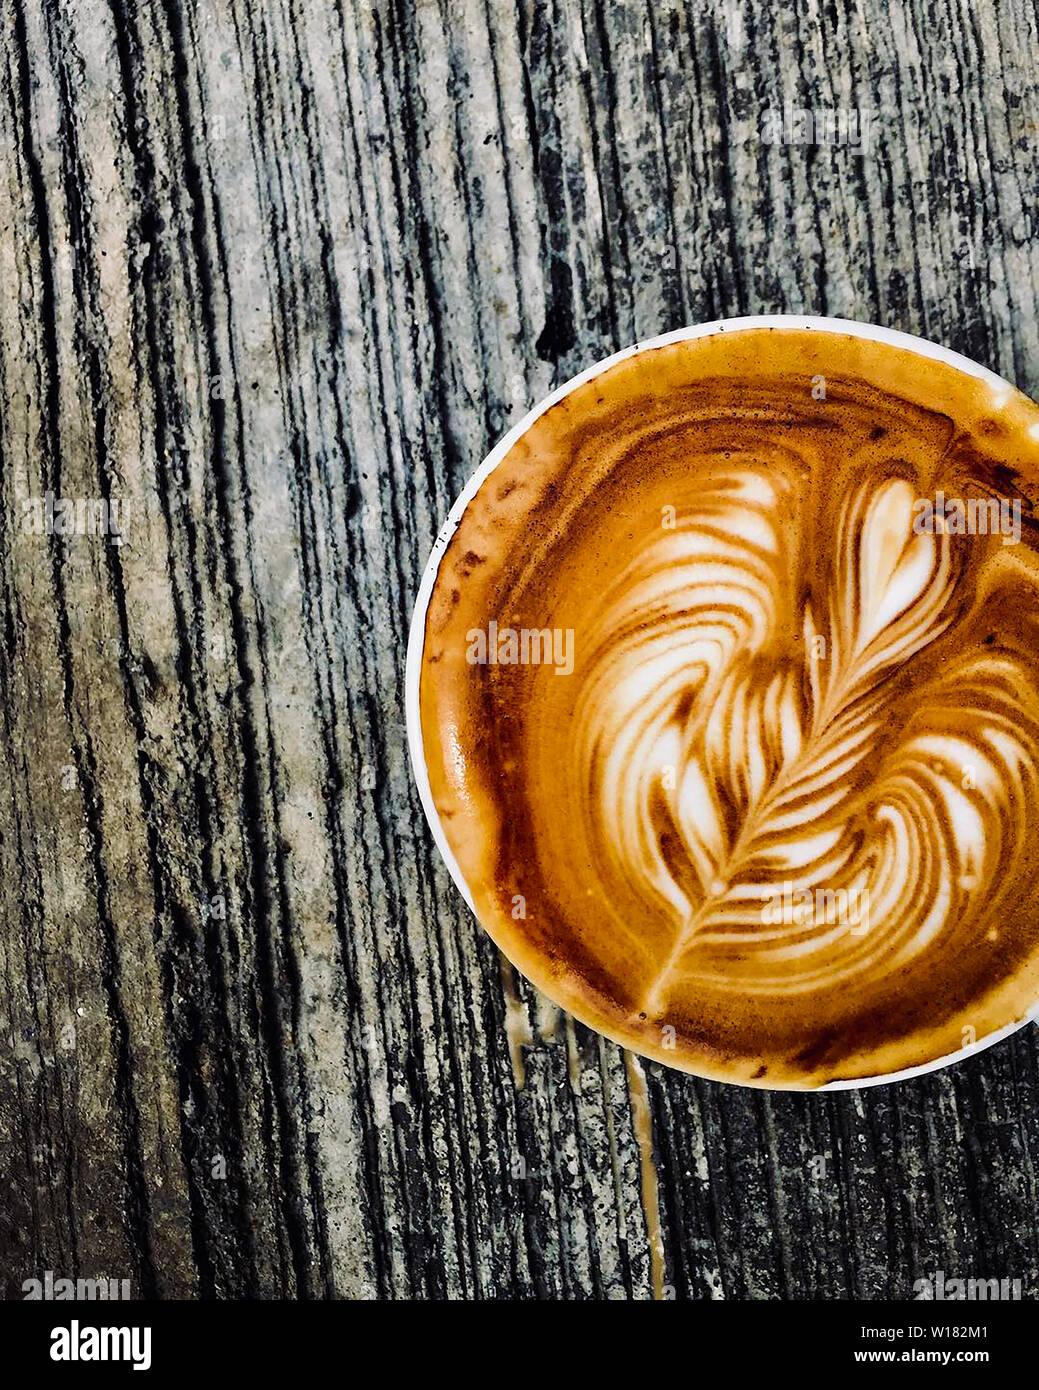 Tasse de café latte sur table en bois sombre, belle latte art Banque D'Images